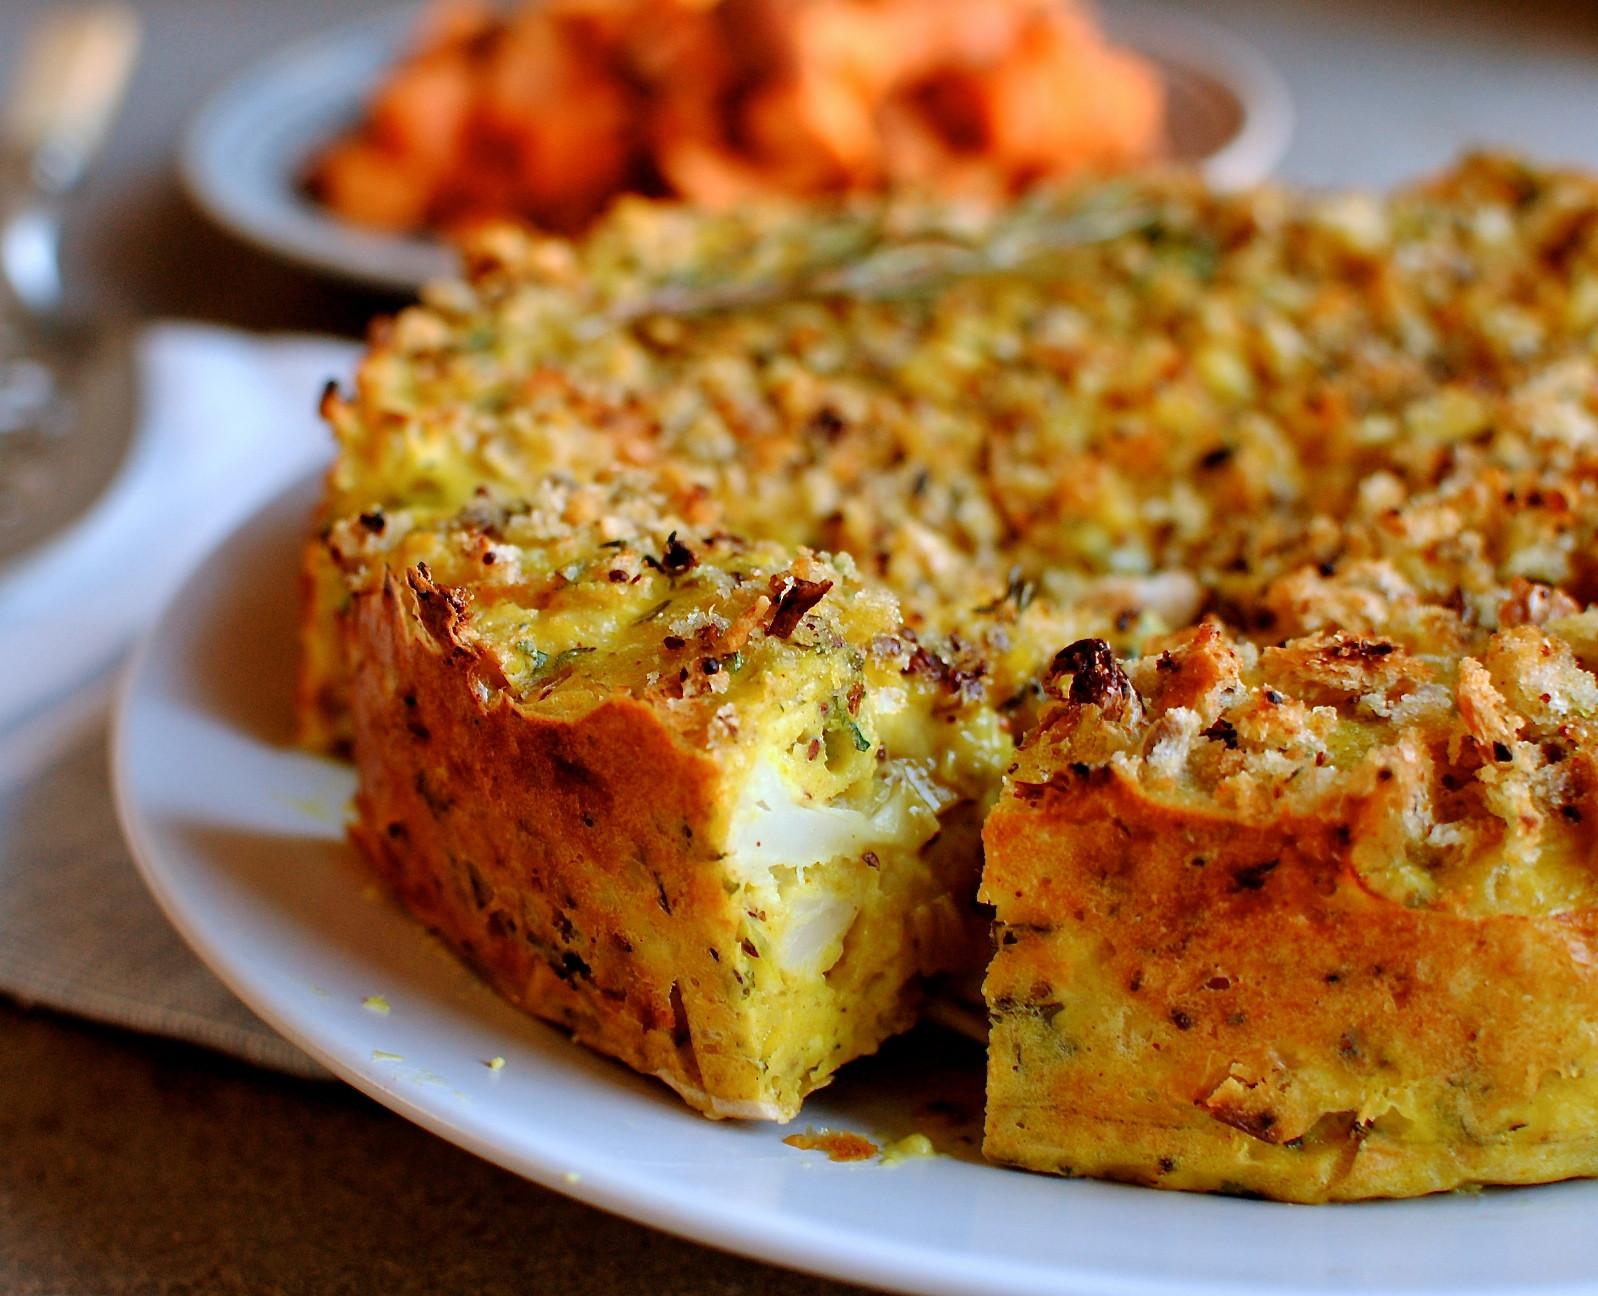 Easy Vegetarian Thanksgiving Recipes  11 Last Minute Ve arian Thanksgiving Day Recipes